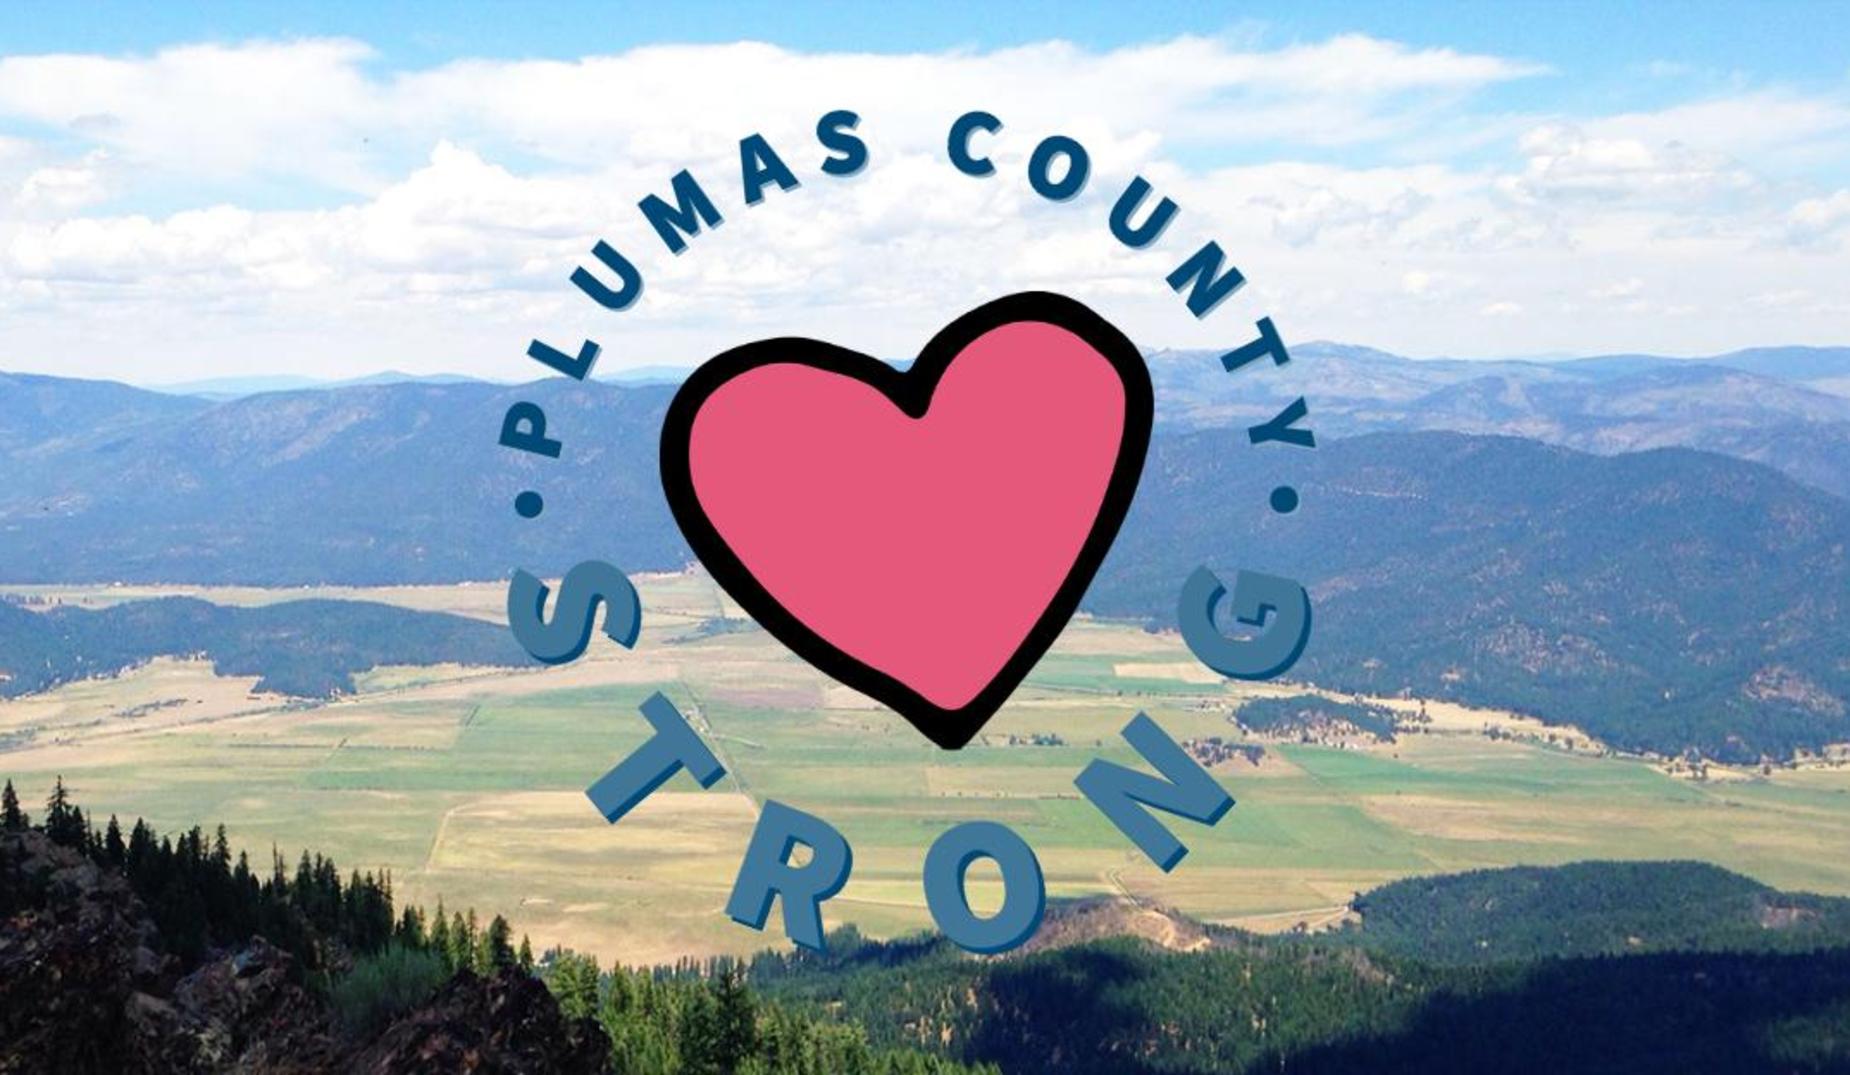 plumas county strong